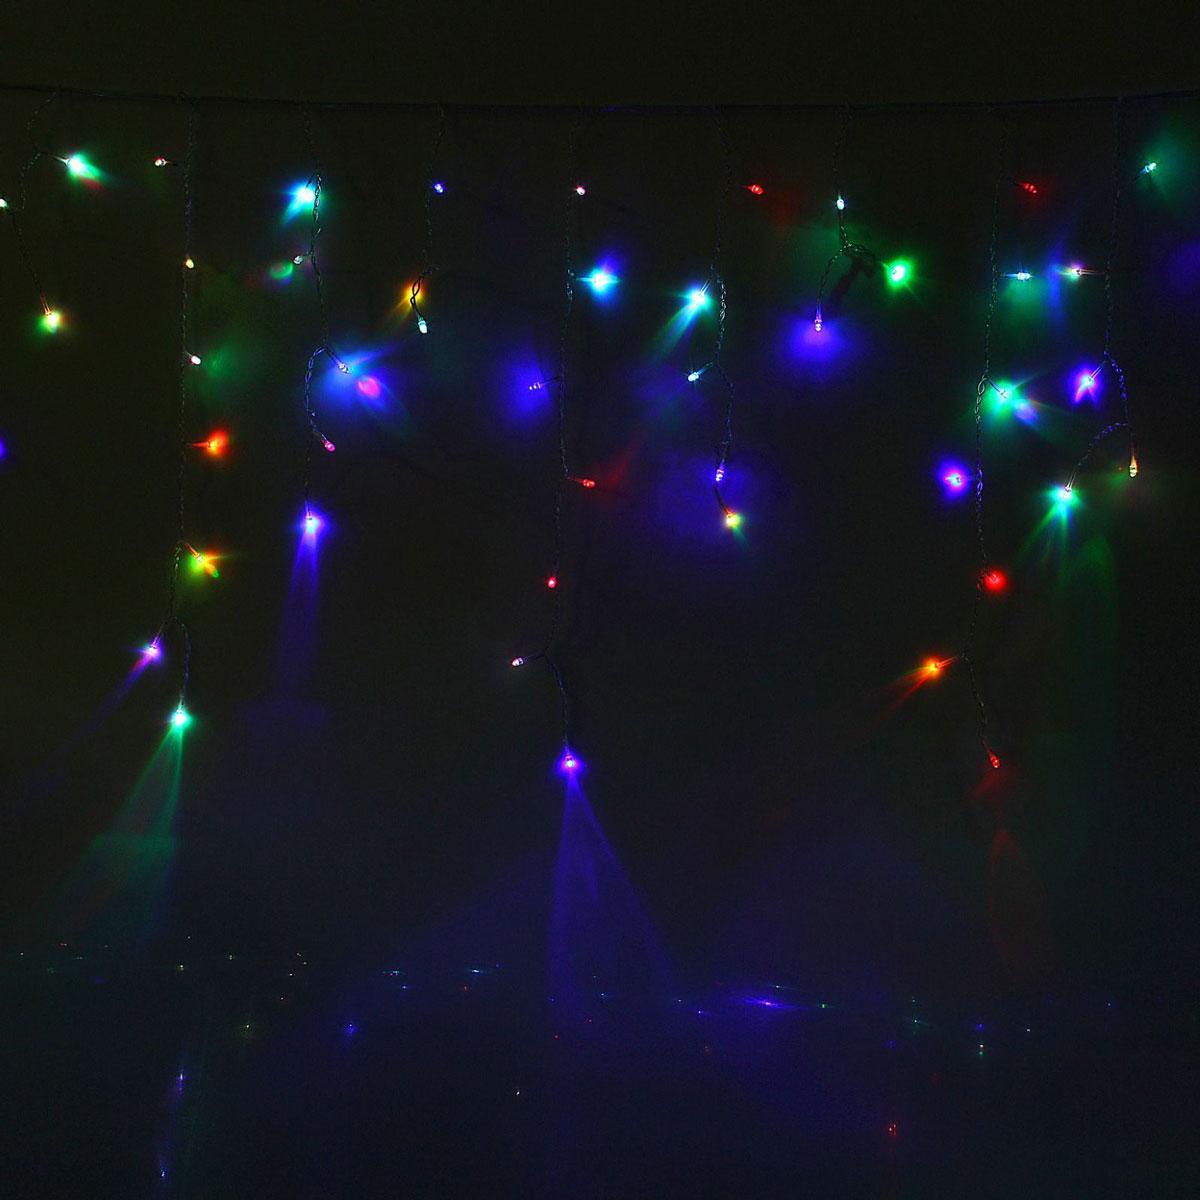 Гирлянда светодиодная Luazon Бахрома, уличная, моргает, 180 ламп, 220 V, цвет: мультиколор, 4 х 0,6 м. 10801551080155Светодиодные гирлянды, ленты и т.д — это отличный вариант для новогоднего оформления интерьера или фасада. С их помощью помещение любого размера можно превратить в праздничный зал, а внешние элементы зданий, украшенные ими, мгновенно станут напоминать очертания сказочного дворца. Такие украшения создают ауру предвкушения чуда. Деревья, фасады, витрины, окна и арки будто специально созданы, чтобы вы украсили их светящимися нитями.